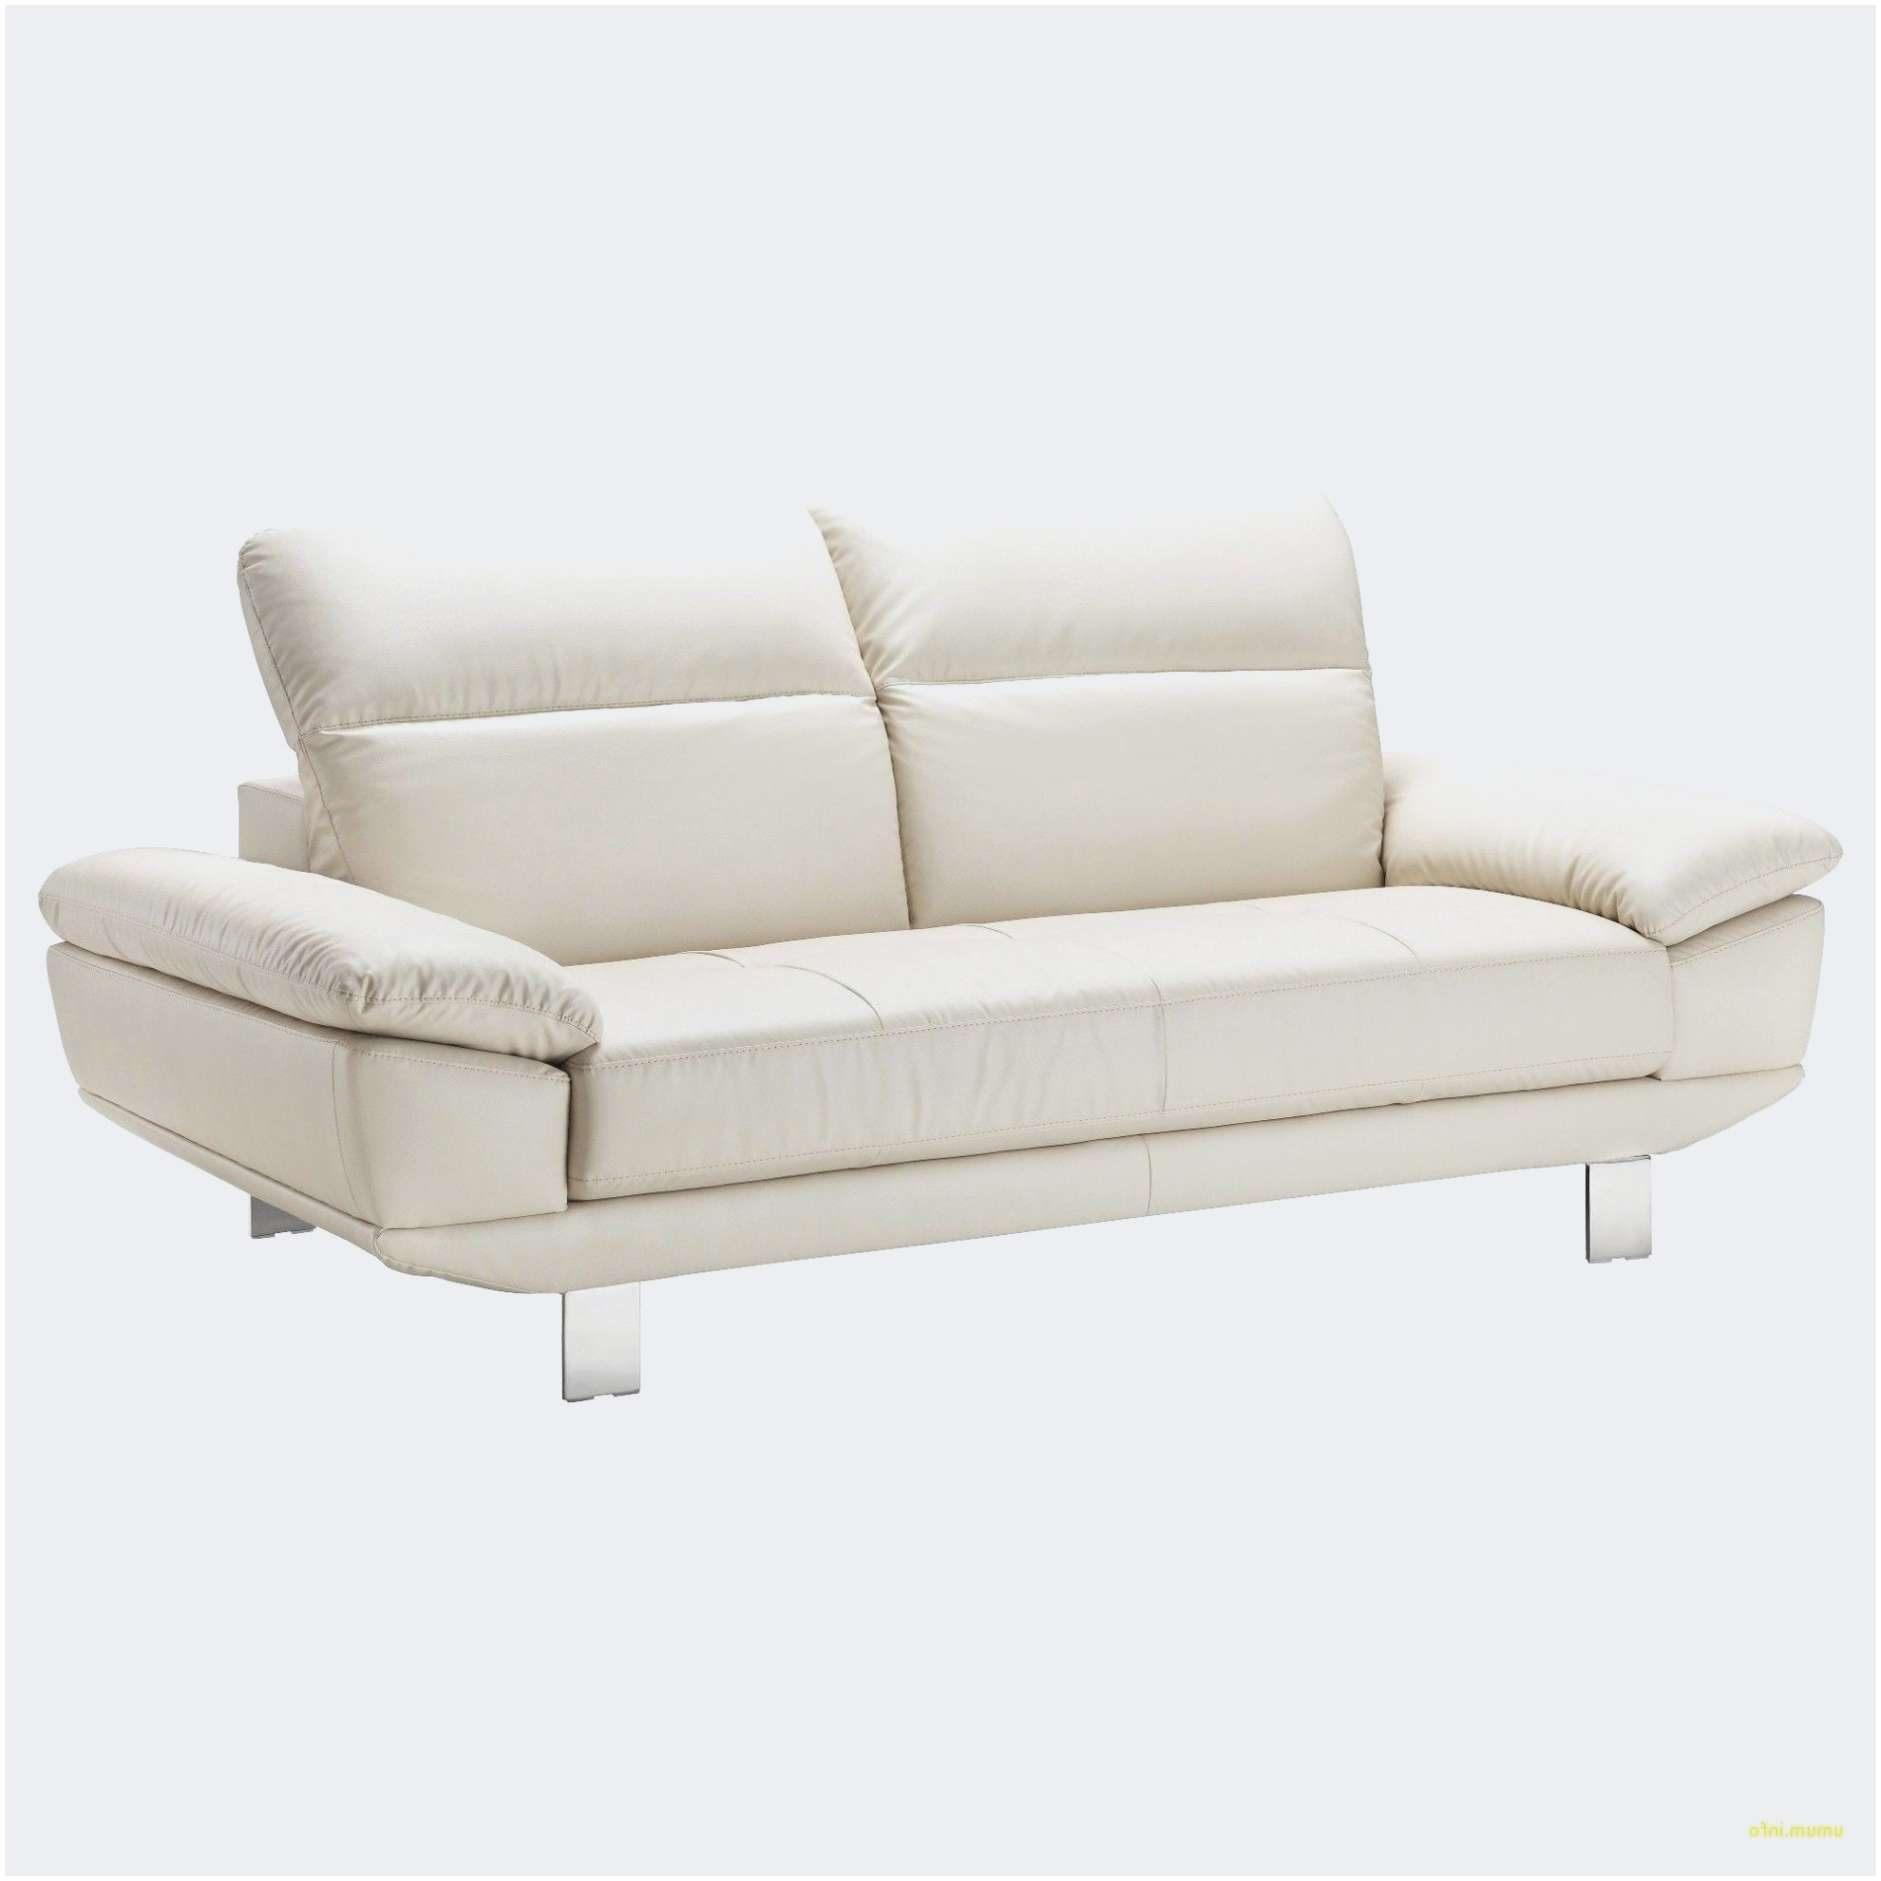 Lit Escamotable Canapé Ikea Génial Elégant sove Housse Coussin De Canapé — sovedis Aquatabs Pour